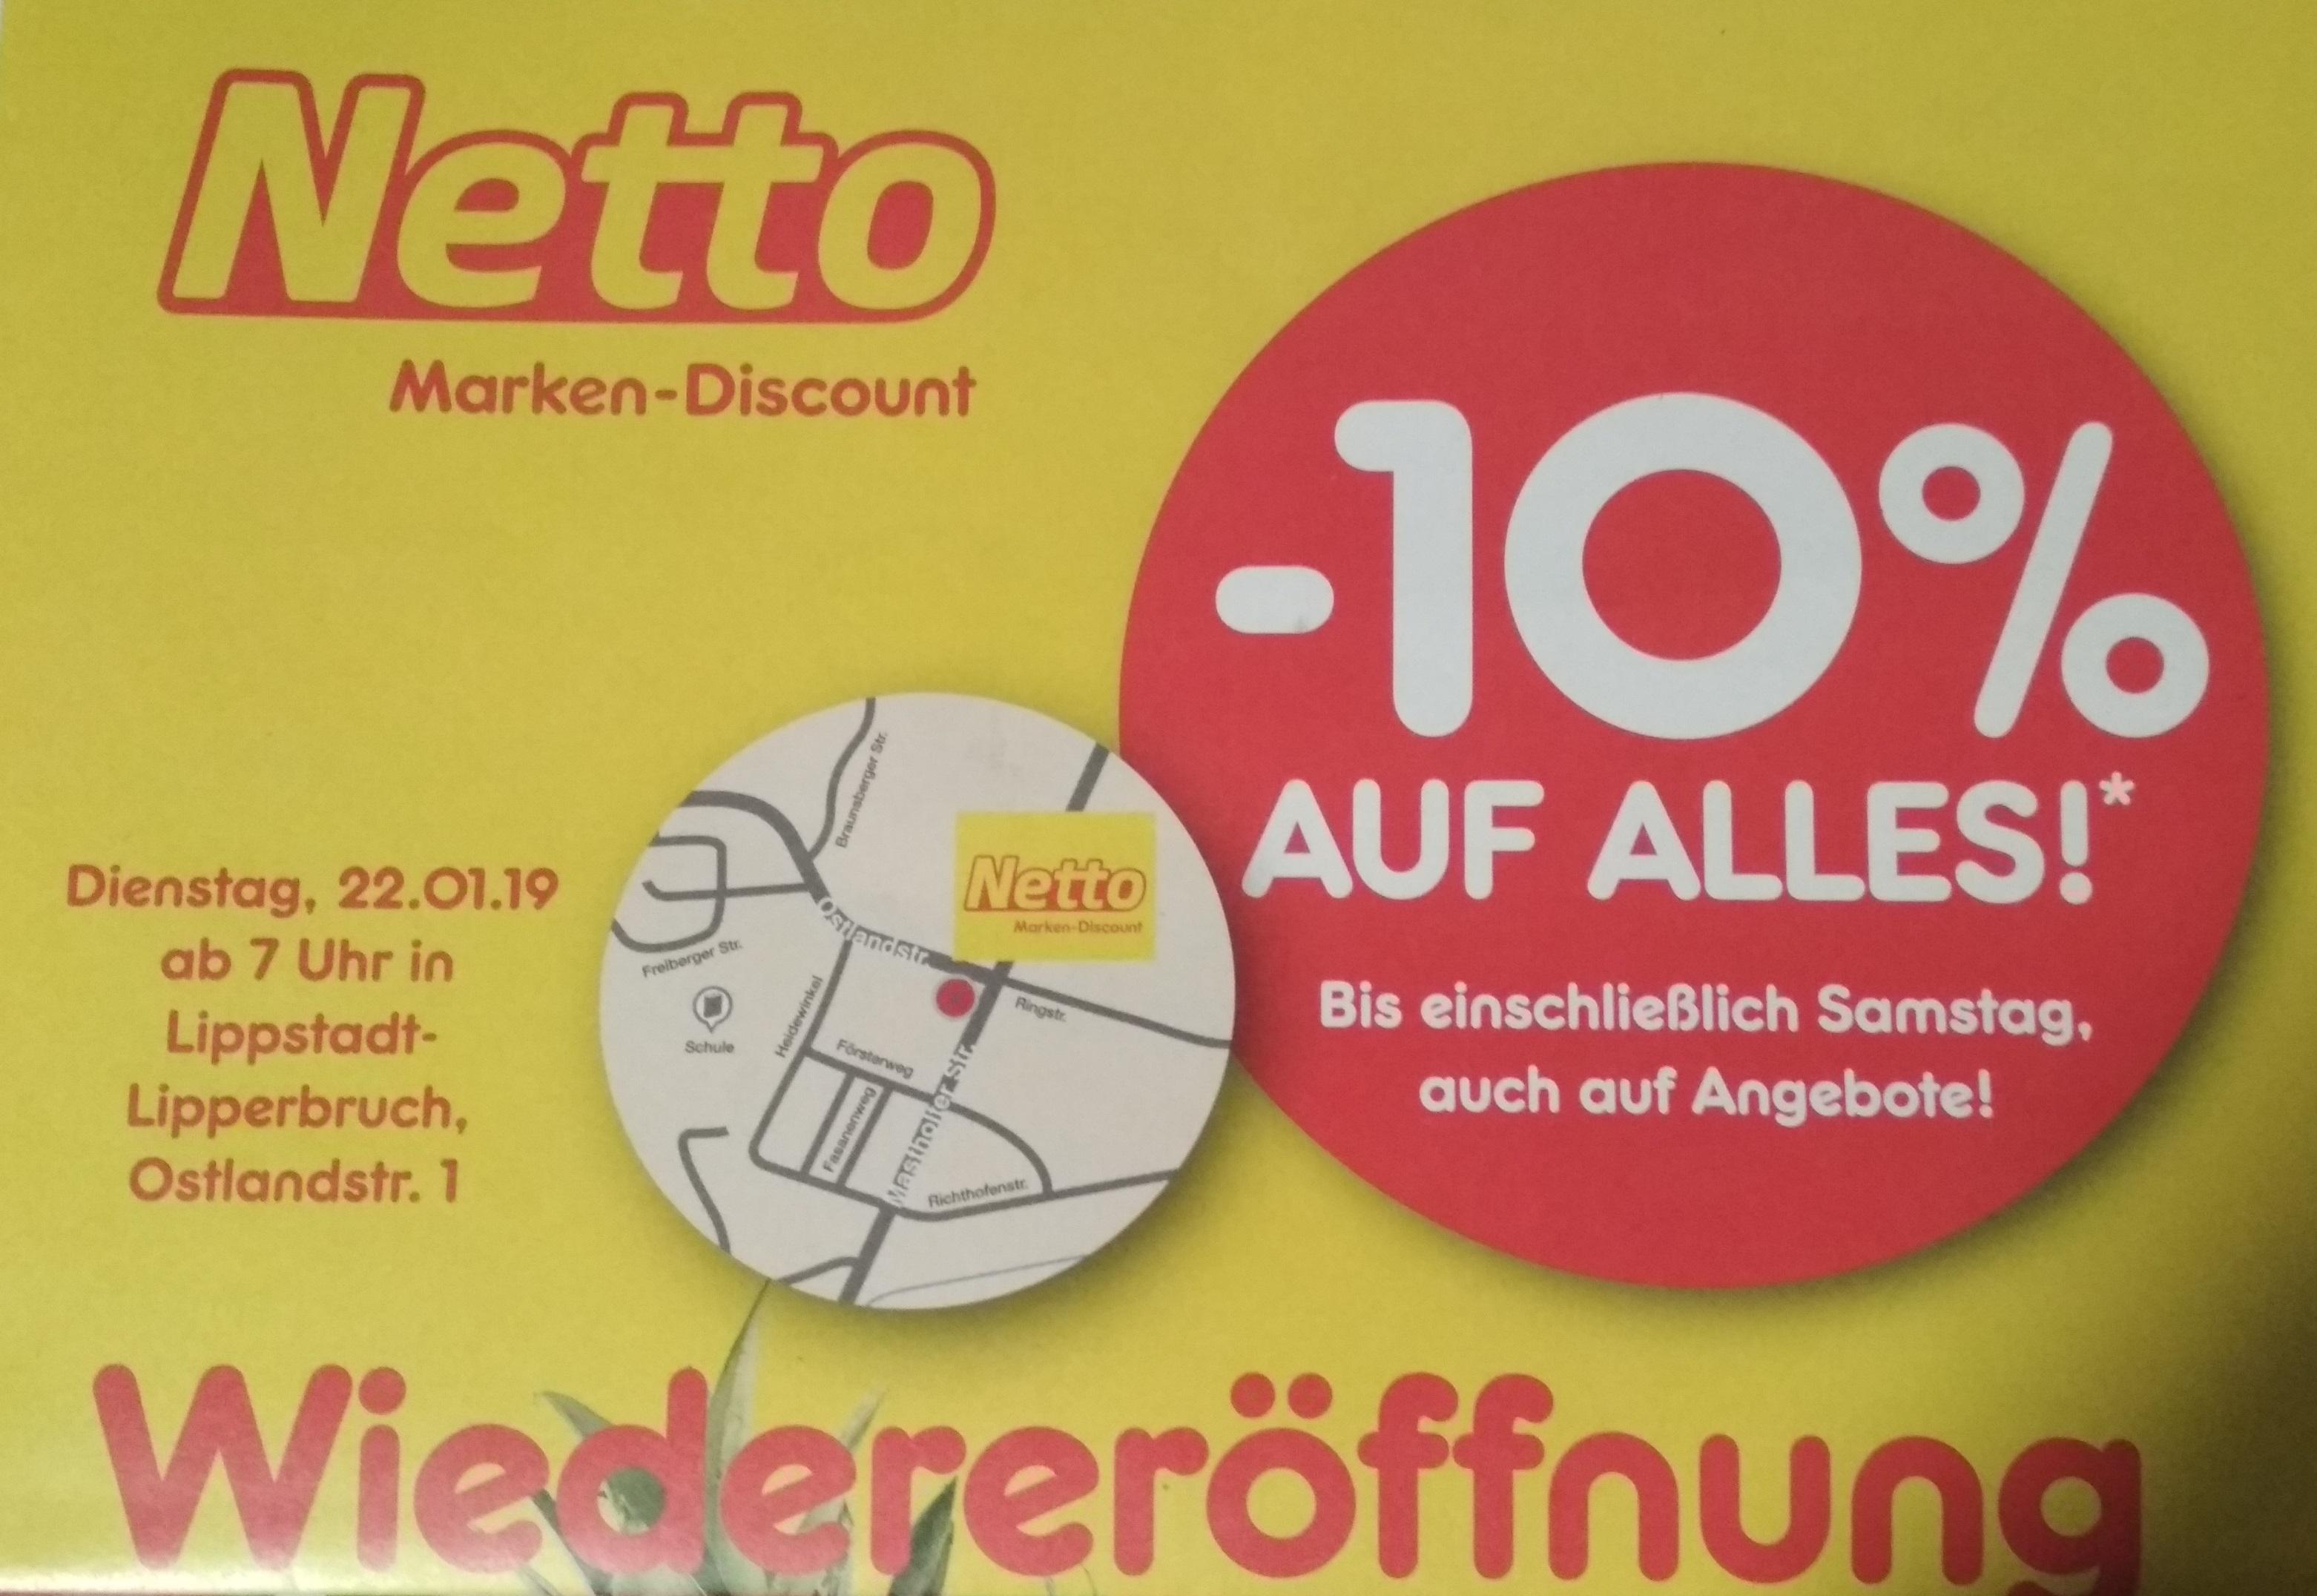 [Netto MD] Lokal Lippstadt -10% auf alles, z.B. Hohes C 1l für 80 cent oder Kiste Krombacher für 9,36€